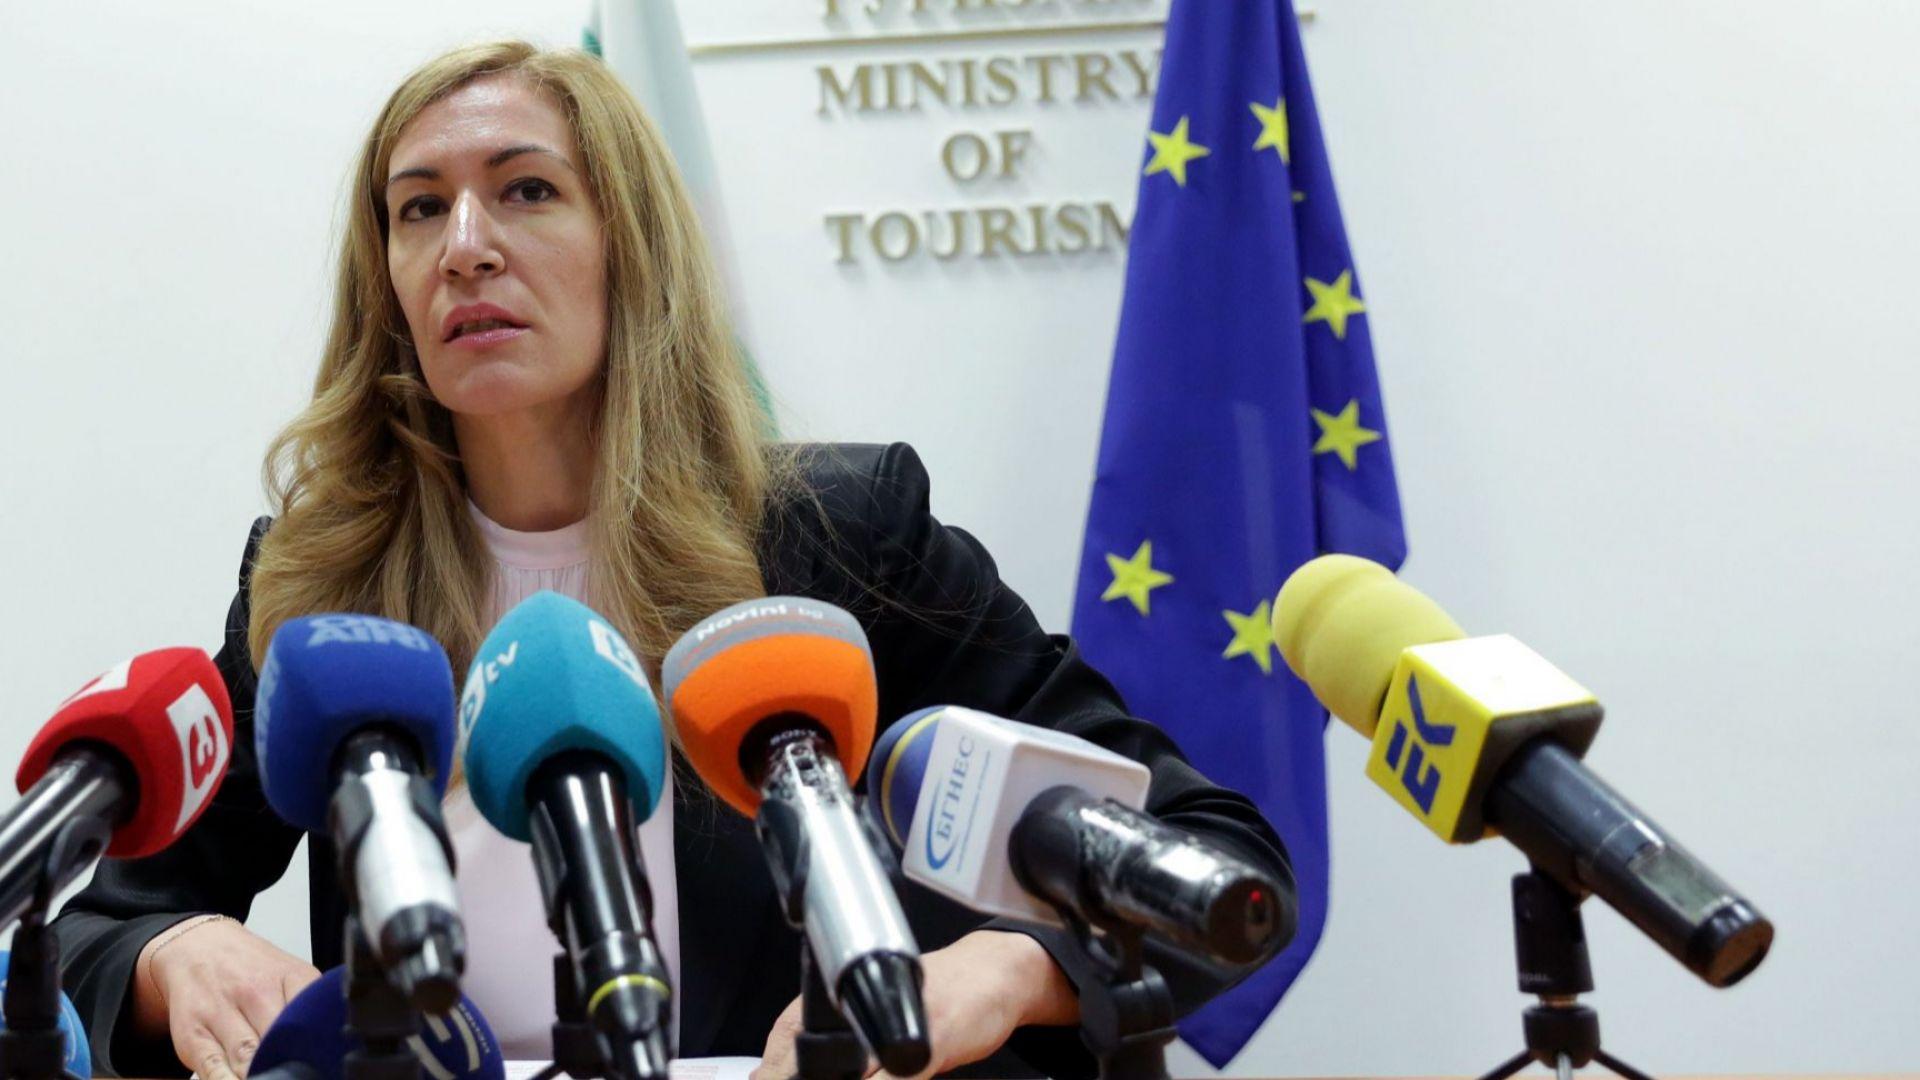 Ангелкова: Ще питаме ЕС за държавна помощ в туризма, но да не счупим бюджета